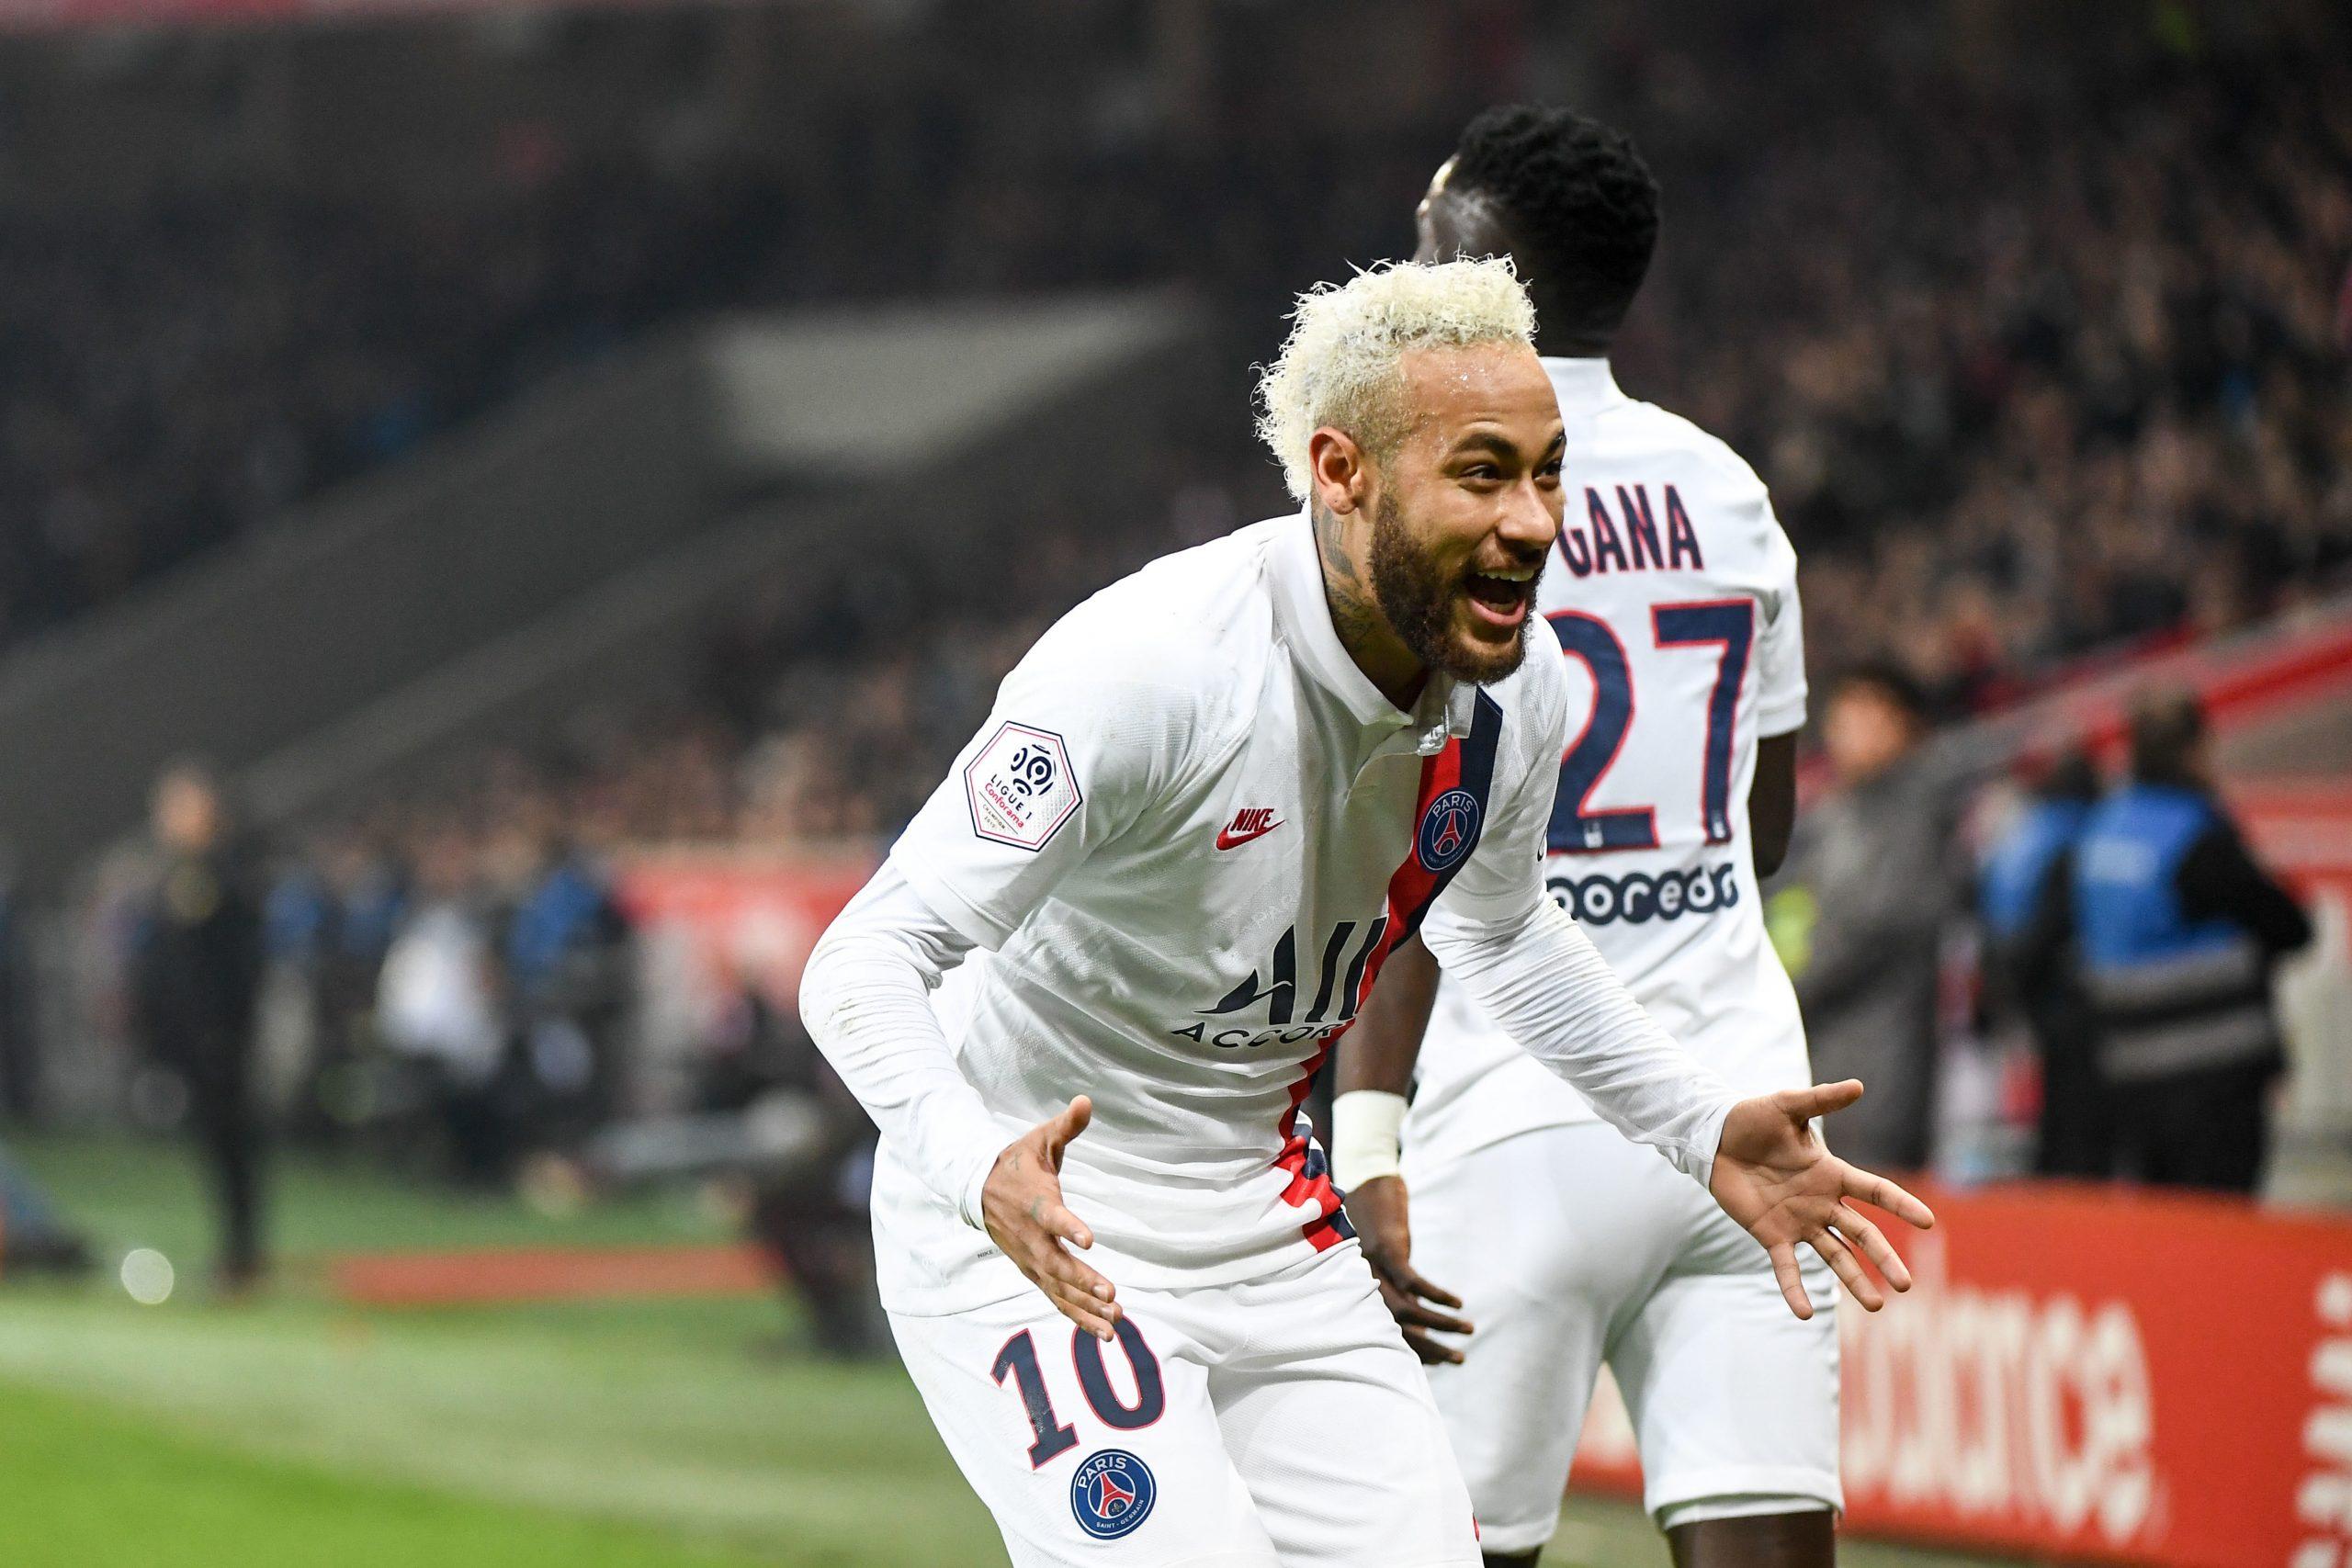 La plus belle réalisation du PSG cette saison, matchs 31 à 33 : Neymar s'impose contre Sarabia